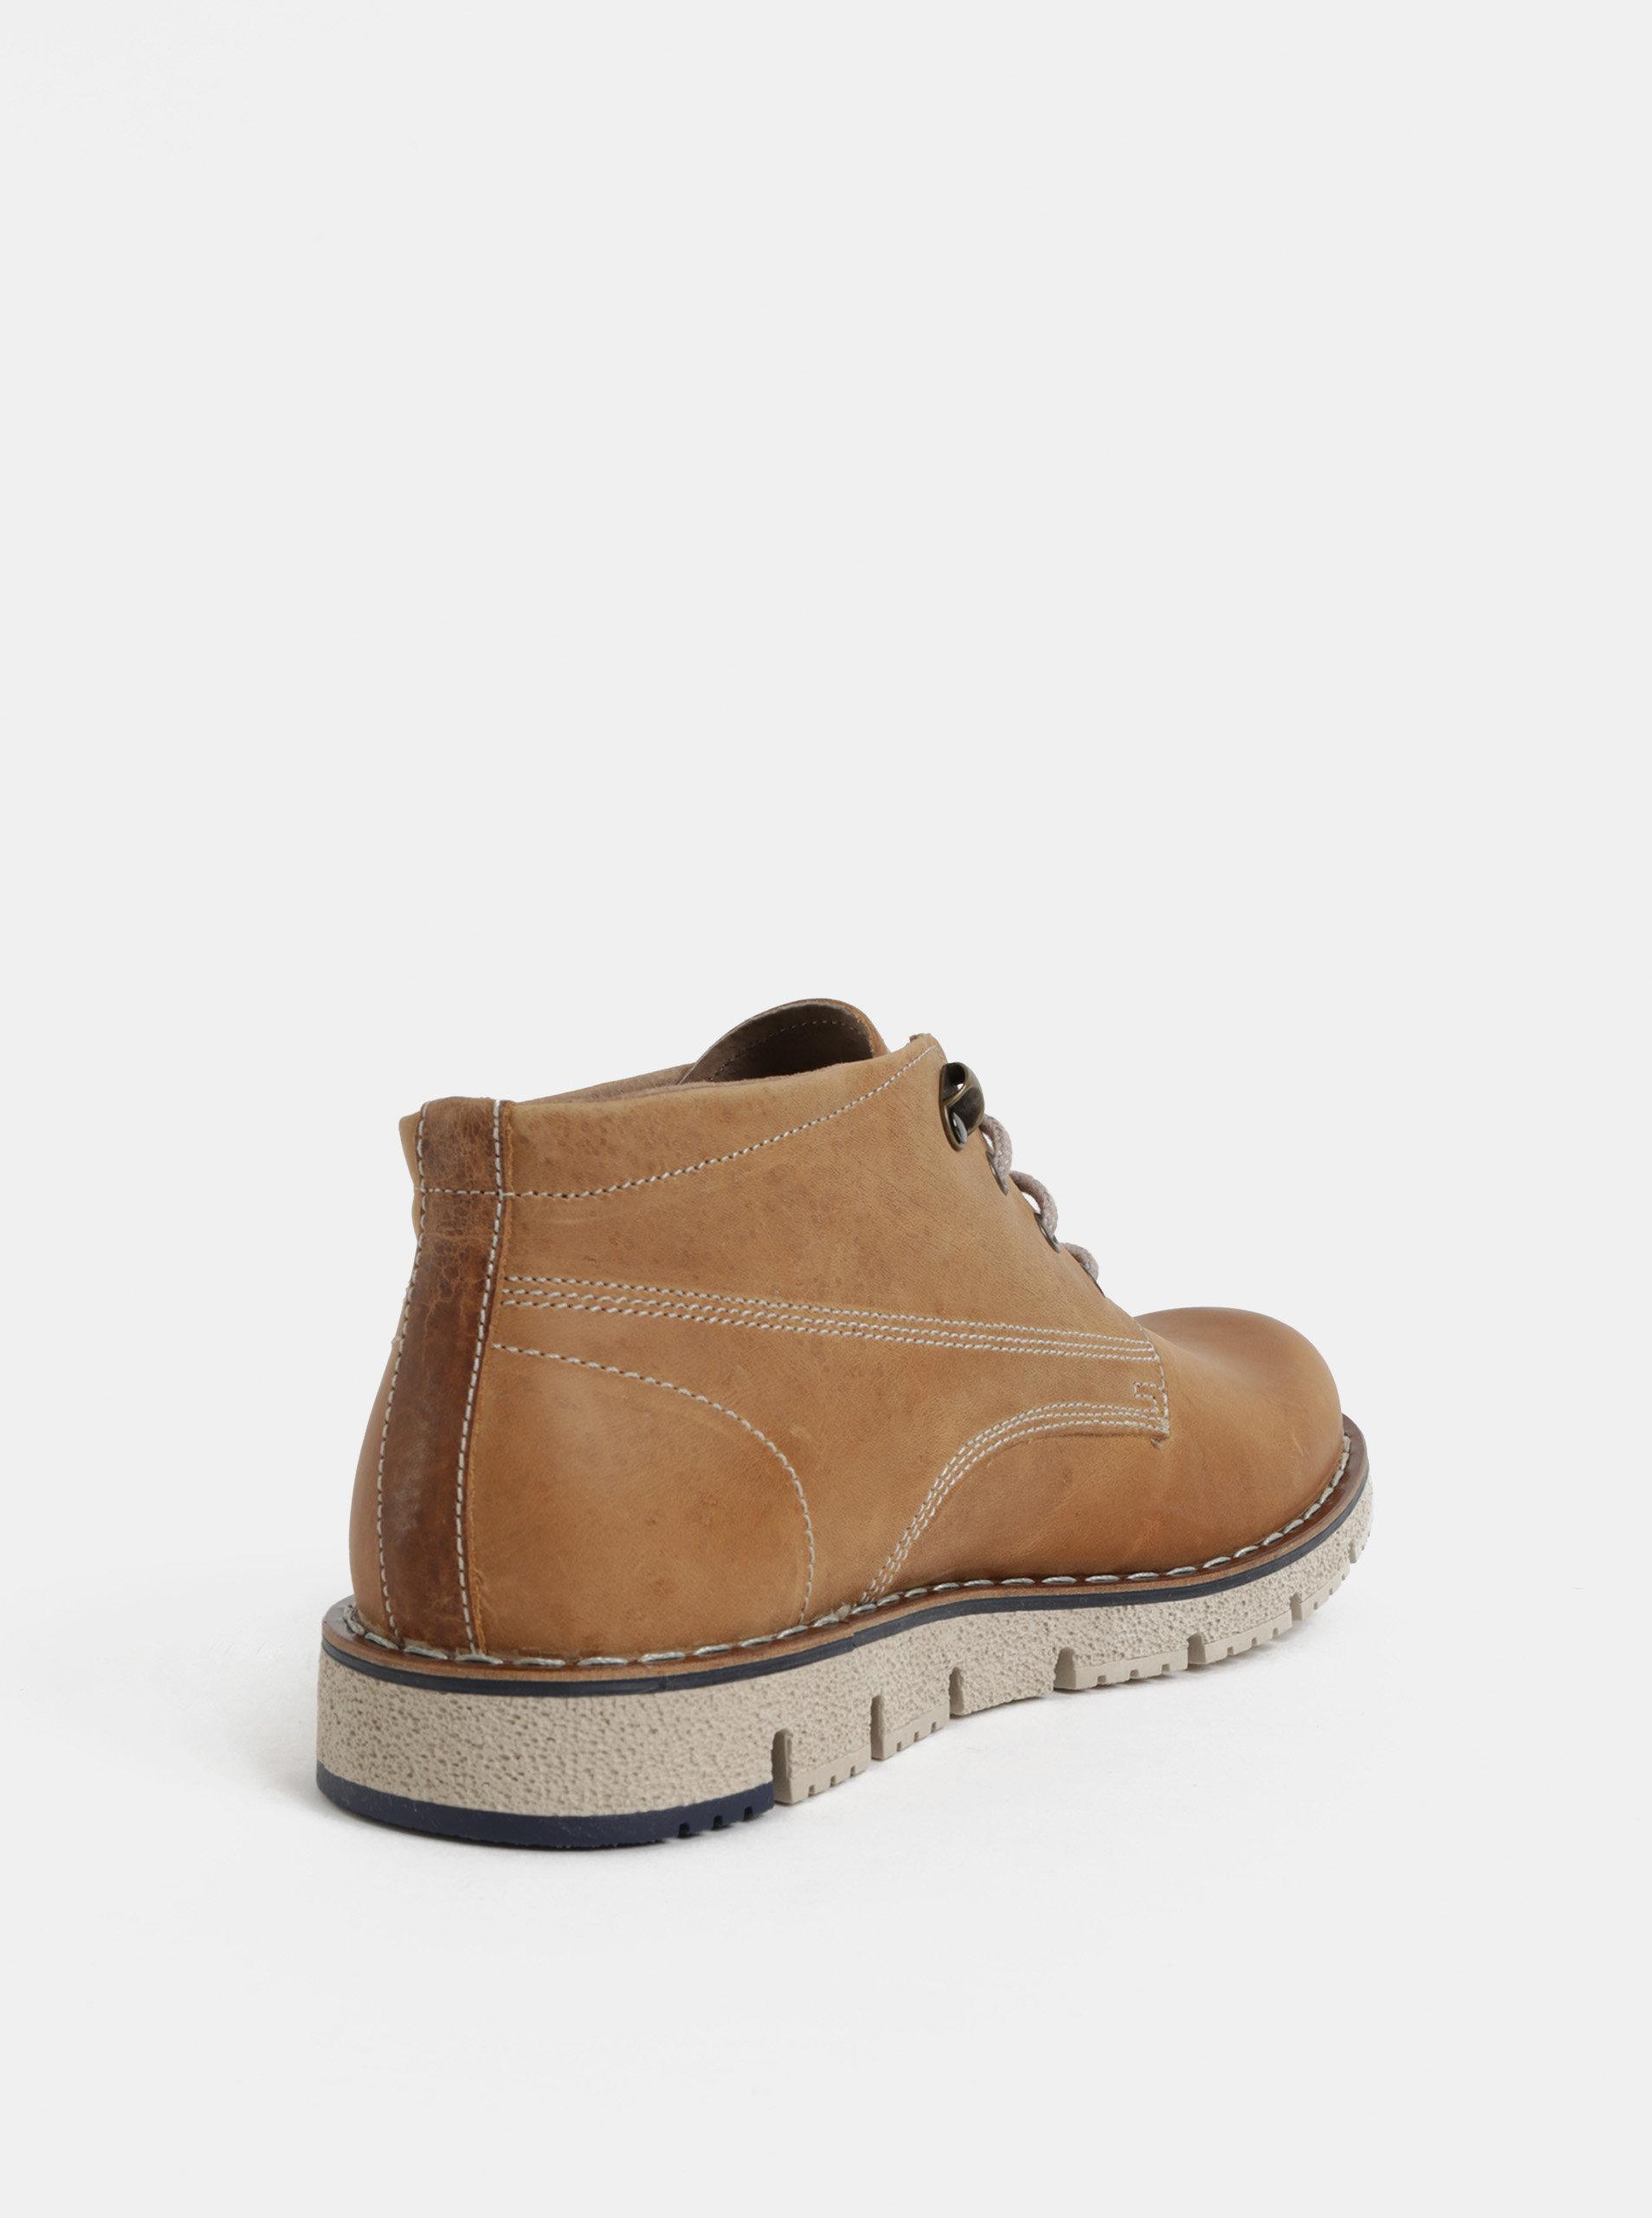 5894d230566 Světle hnědé pánské kožené kotníkové boty Weinbrenner ...